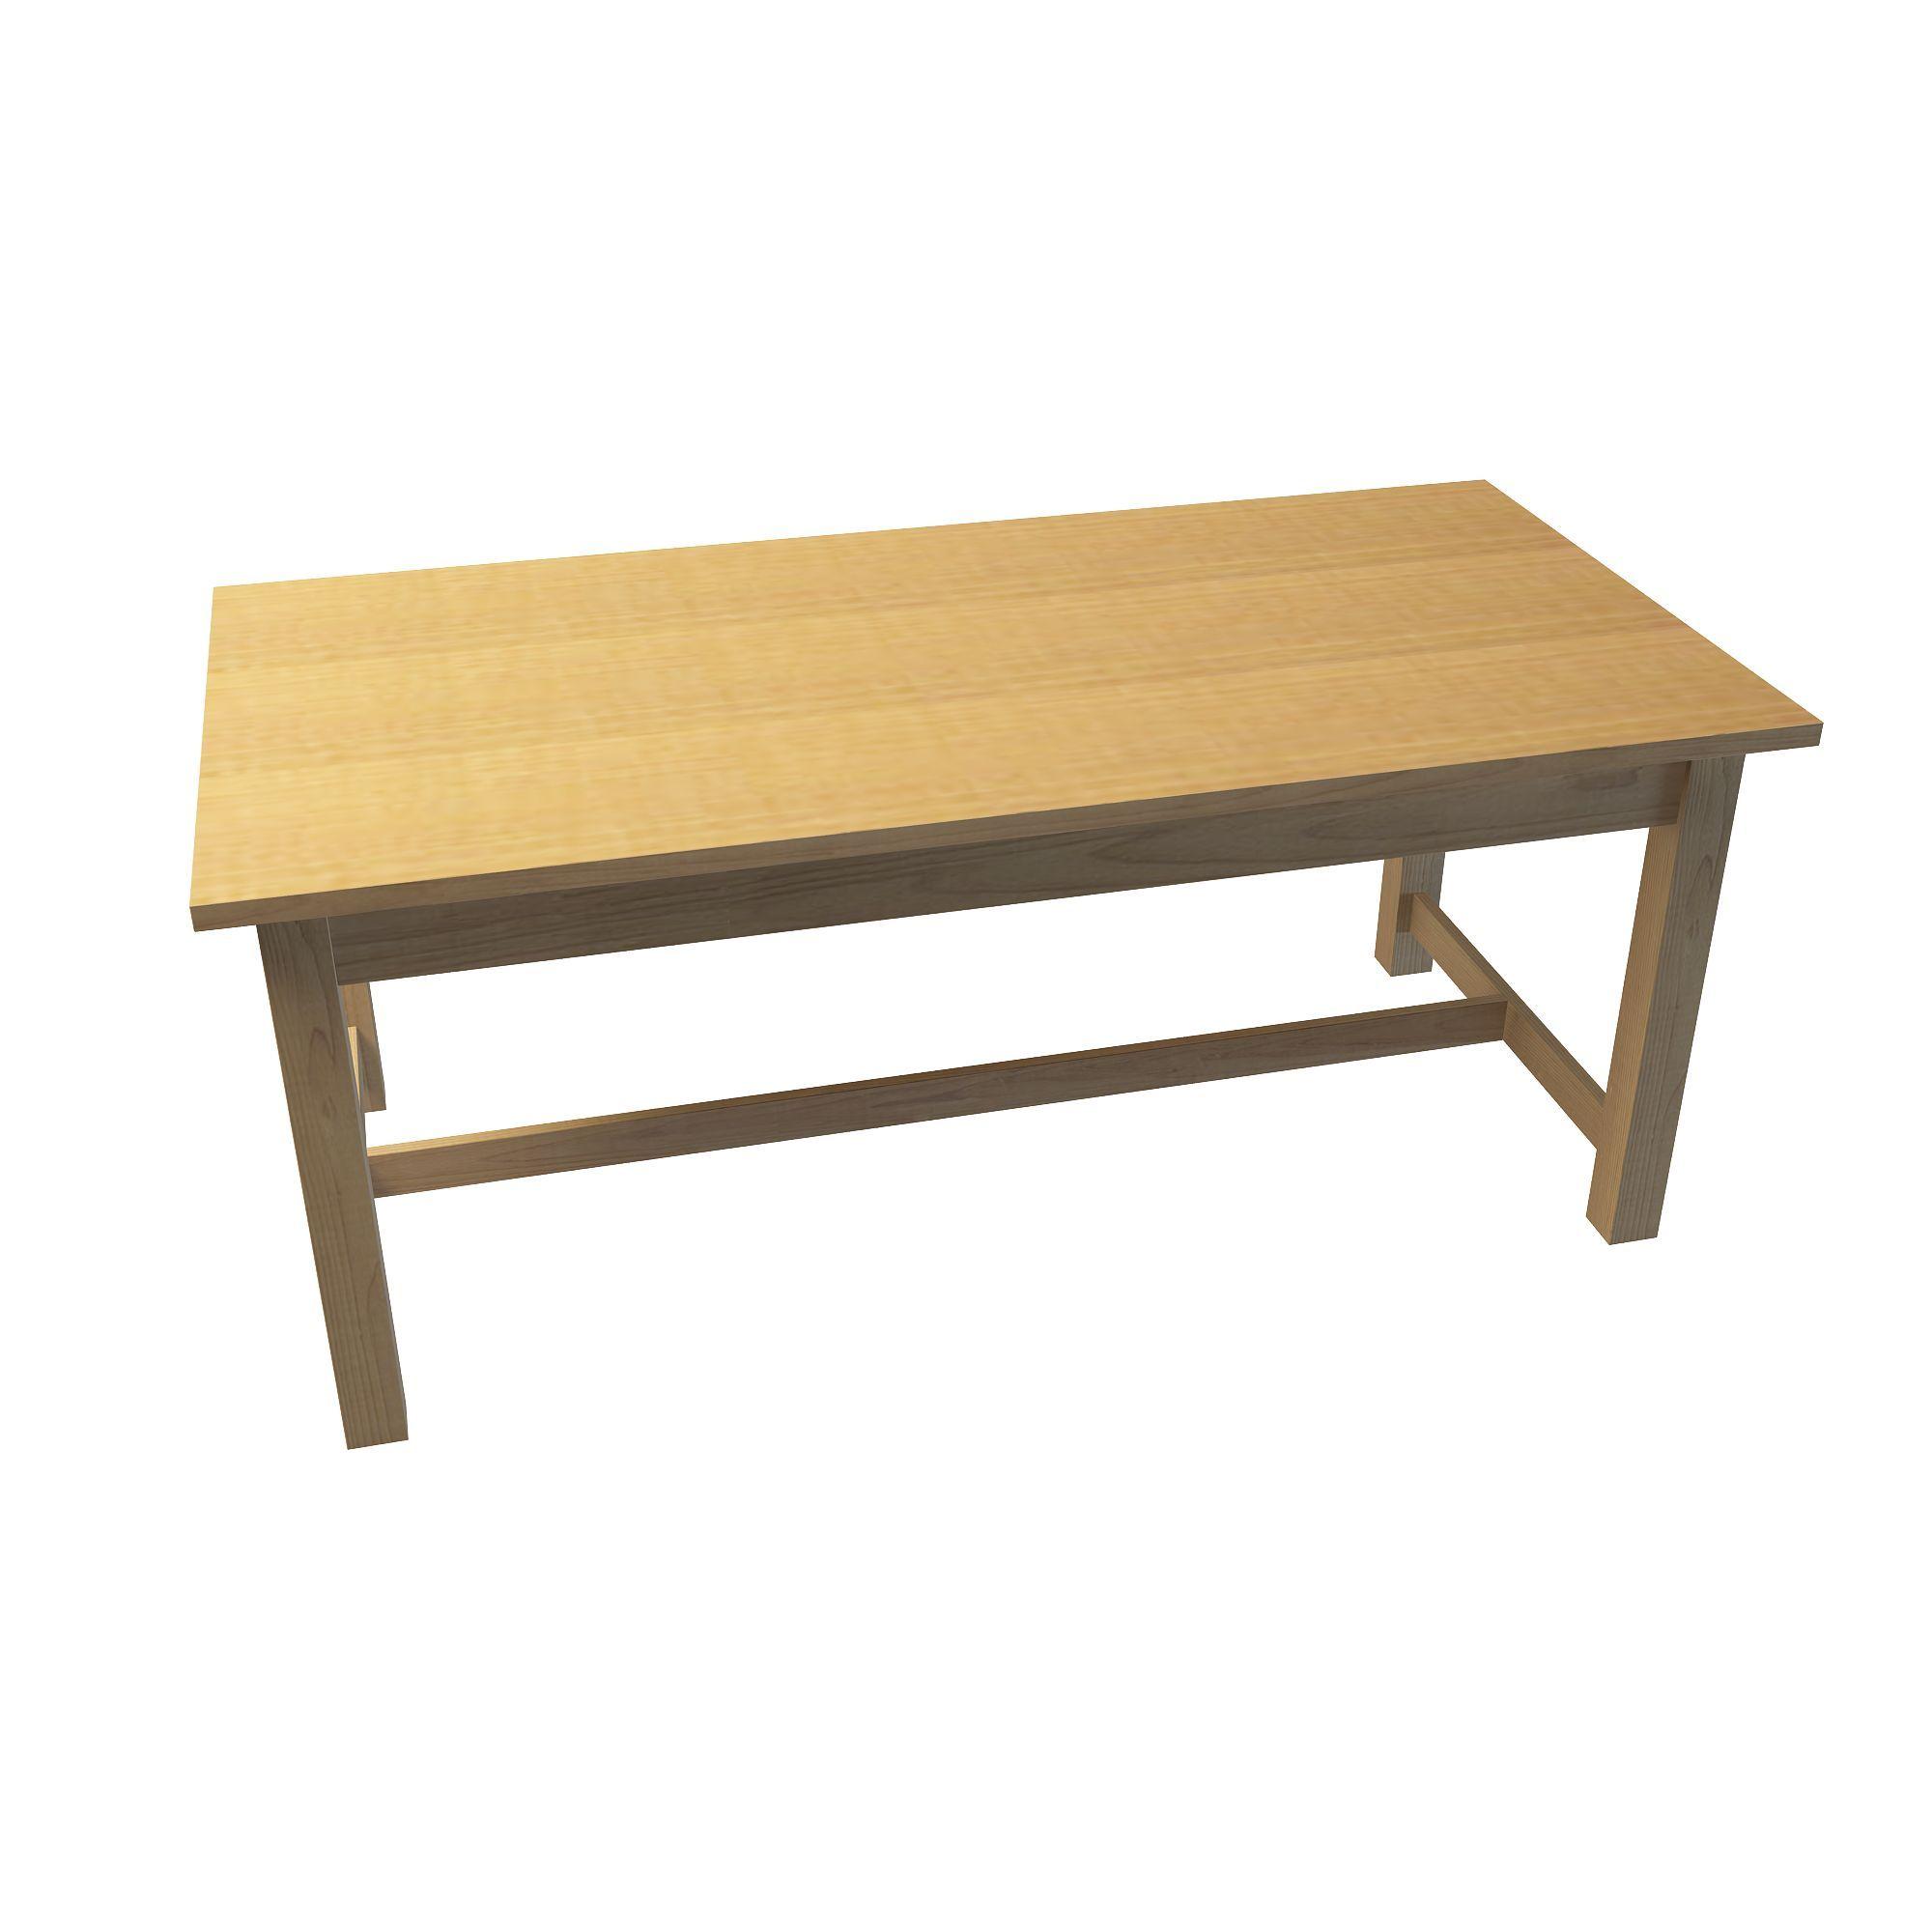 中式实木餐桌图片_中式实木餐桌png图片素材_中式实木图片